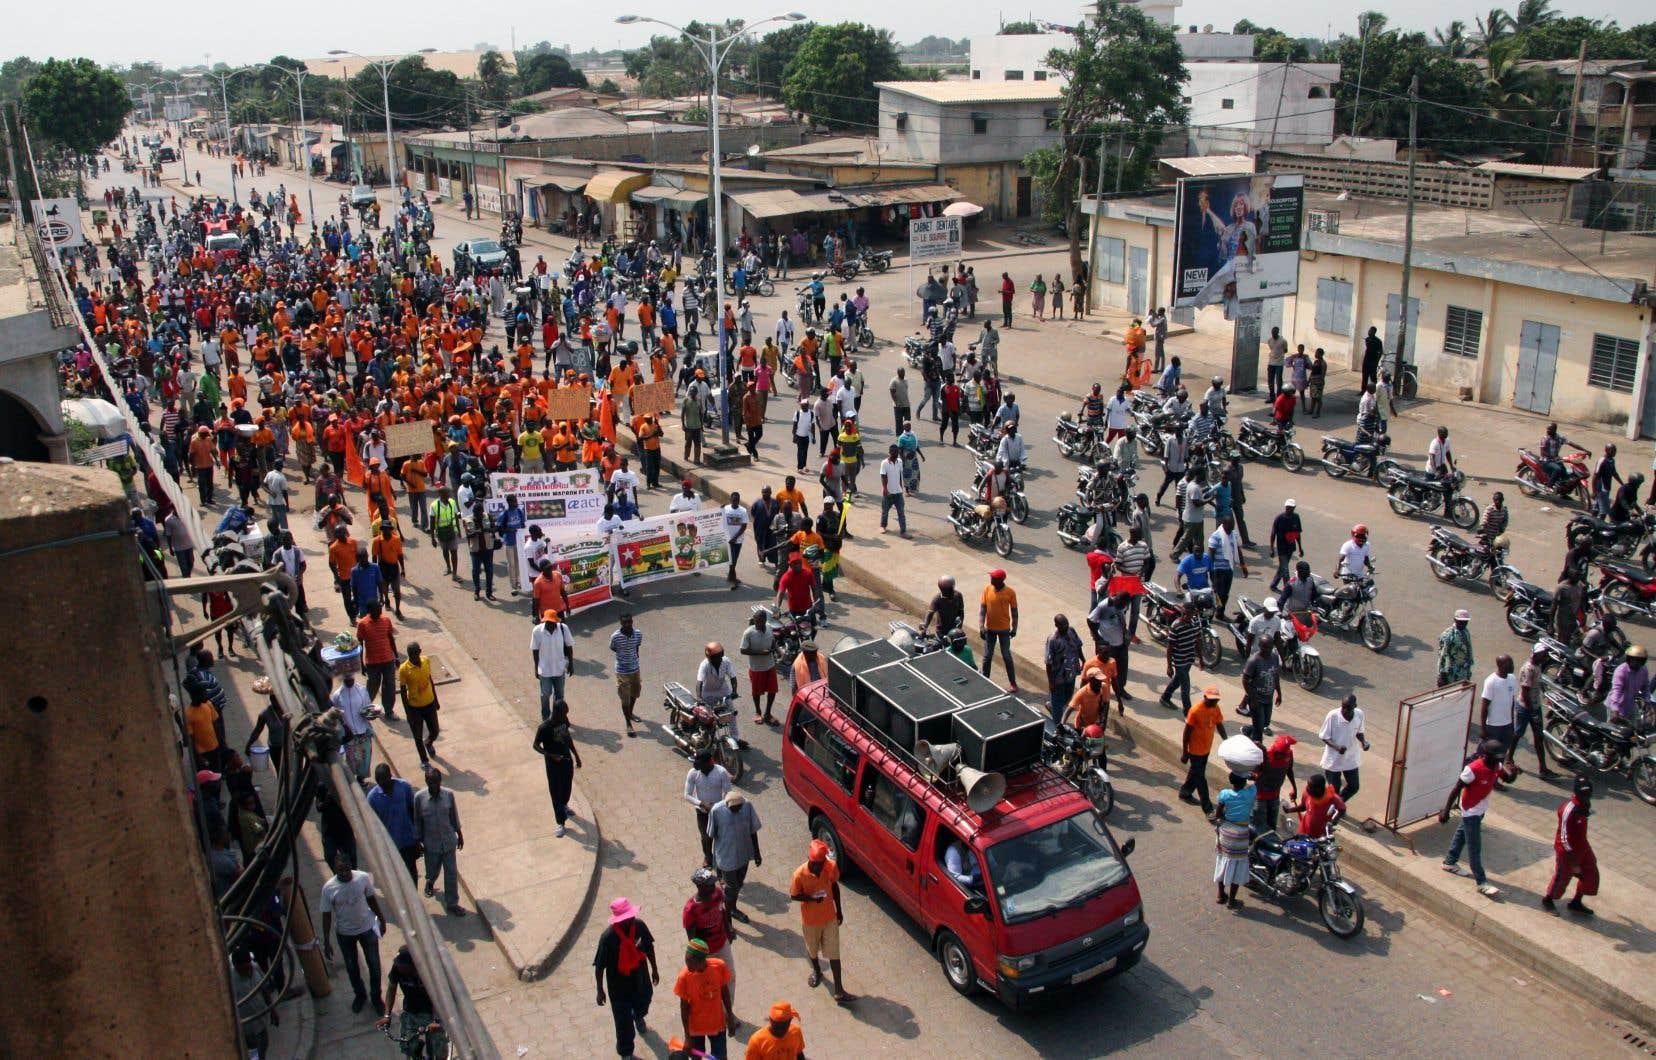 Faure Gnassingbé, au pouvoir depuis 2005, a succédé à son père, le général Eyadema Gnassingbé, qui a dirigé le pays d'une main de fer pendant 38ans.